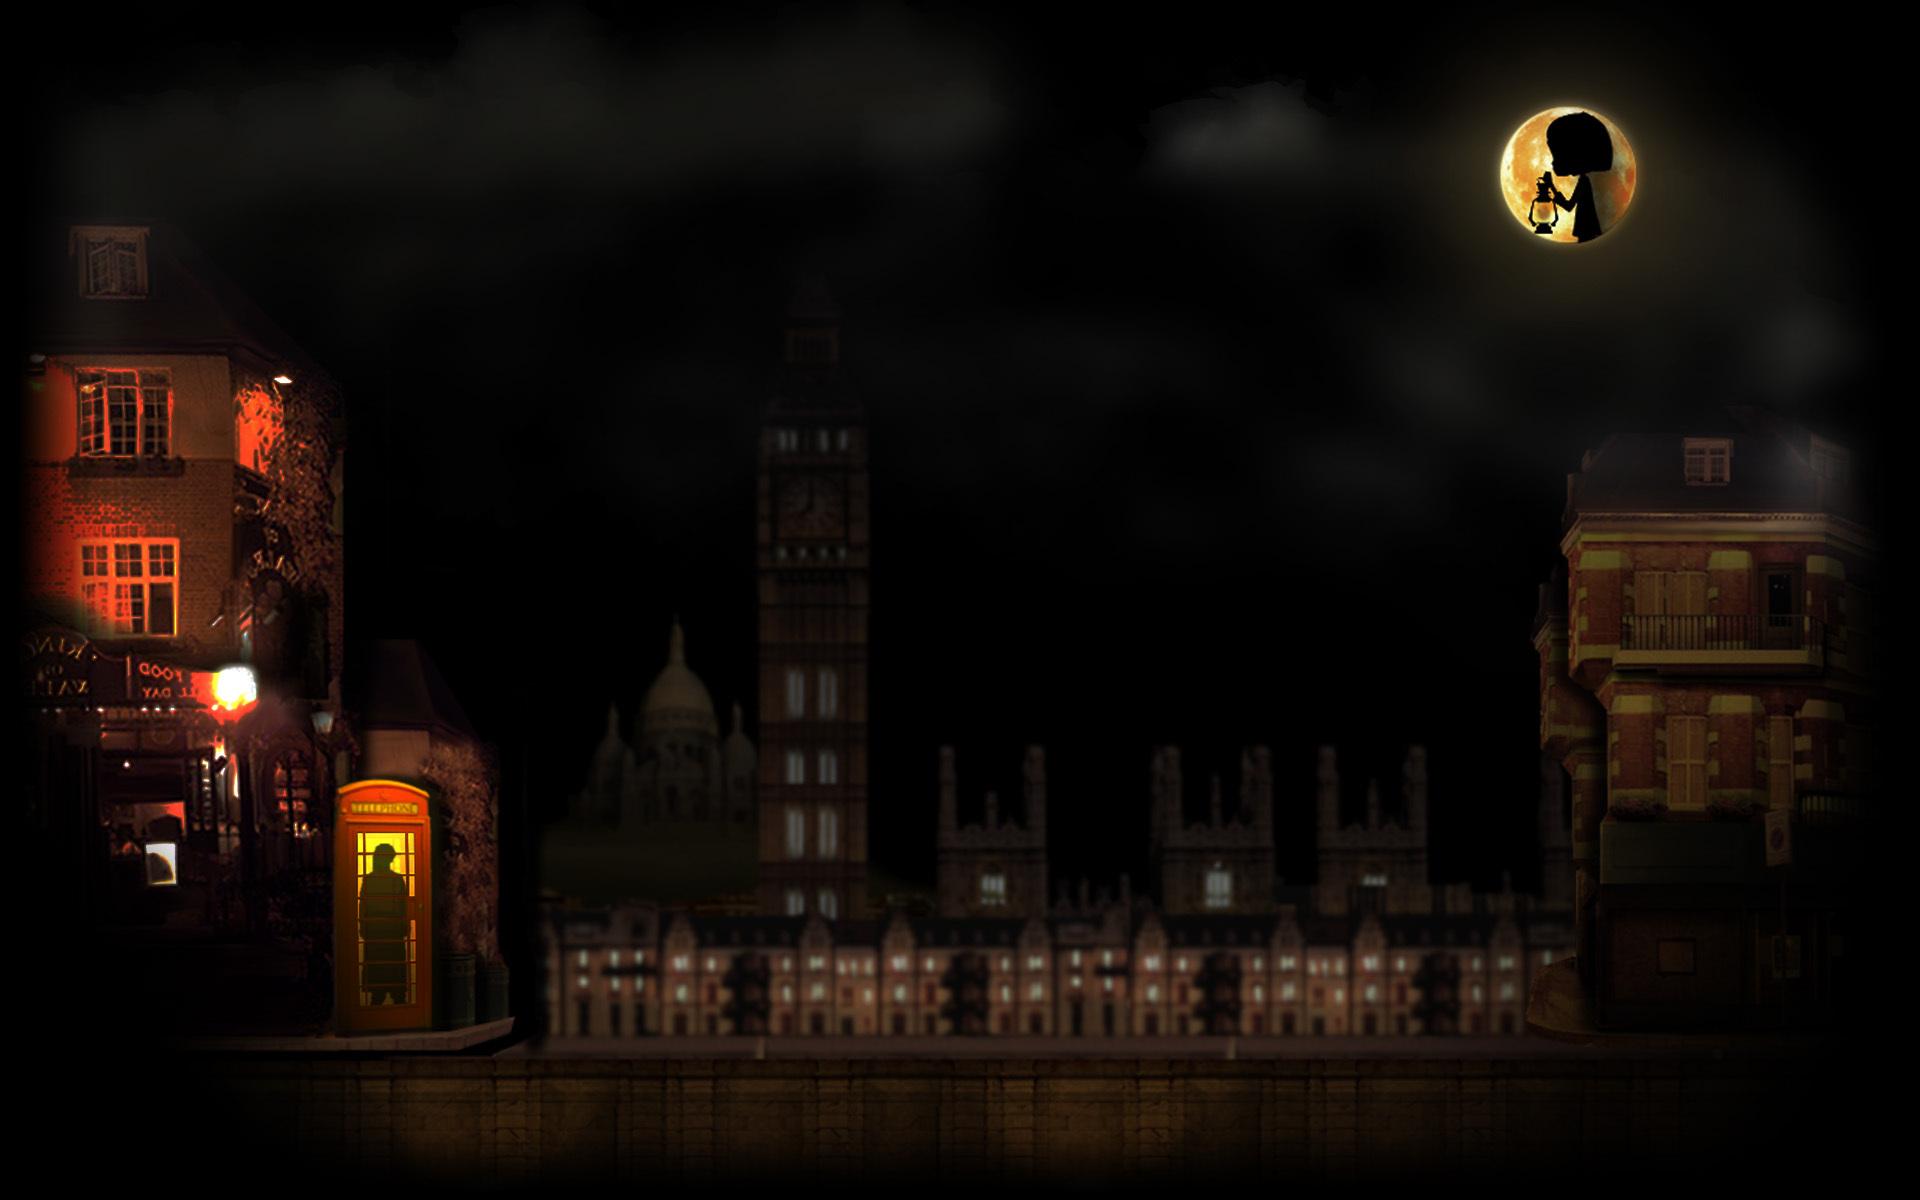 A Moonlit City